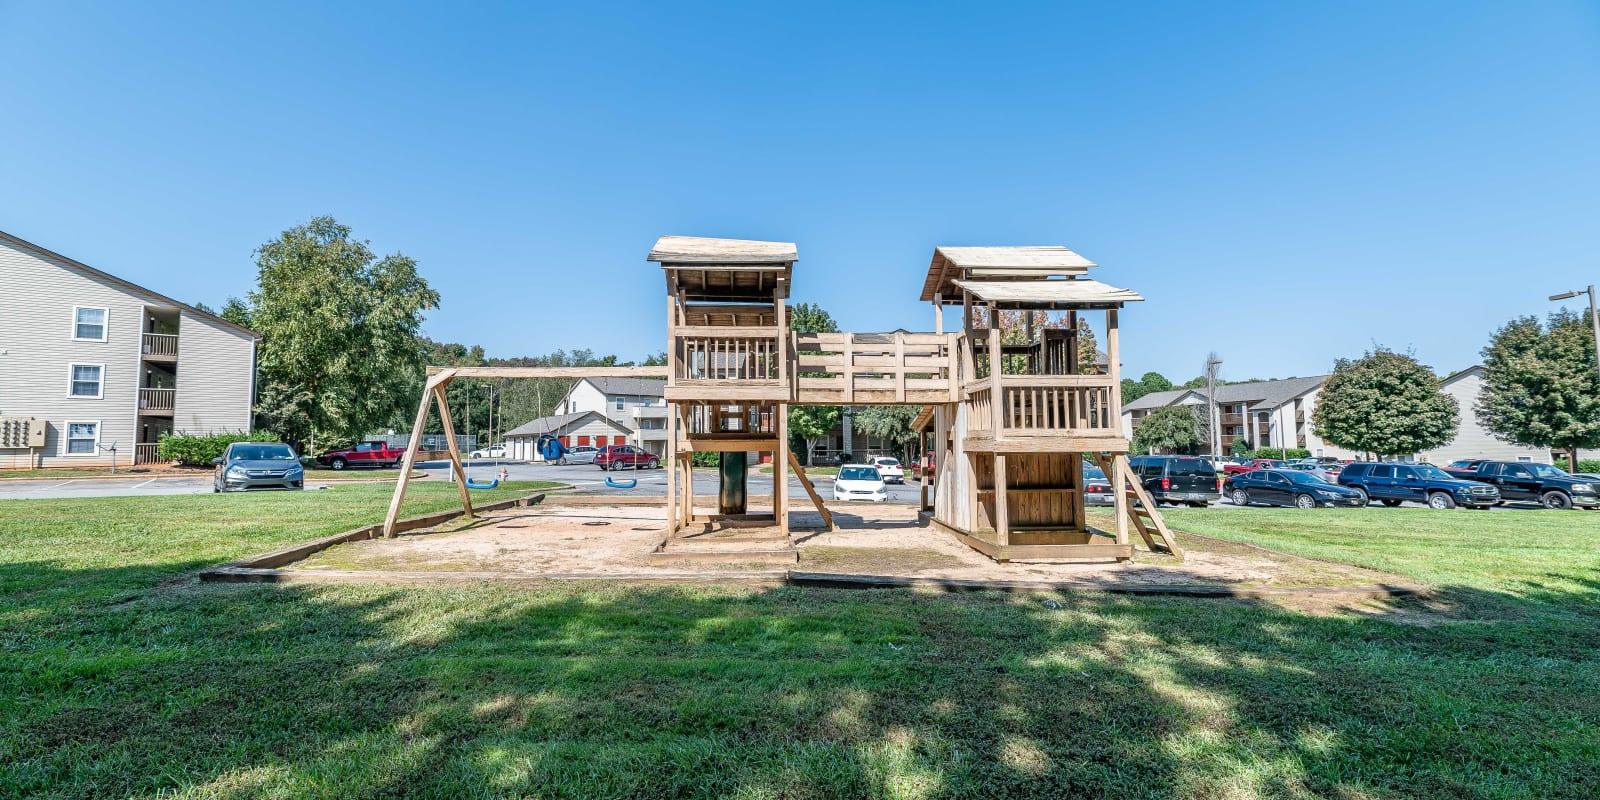 Playground at Kannan Station Apartment Homes in Kannapolis, North Carolina